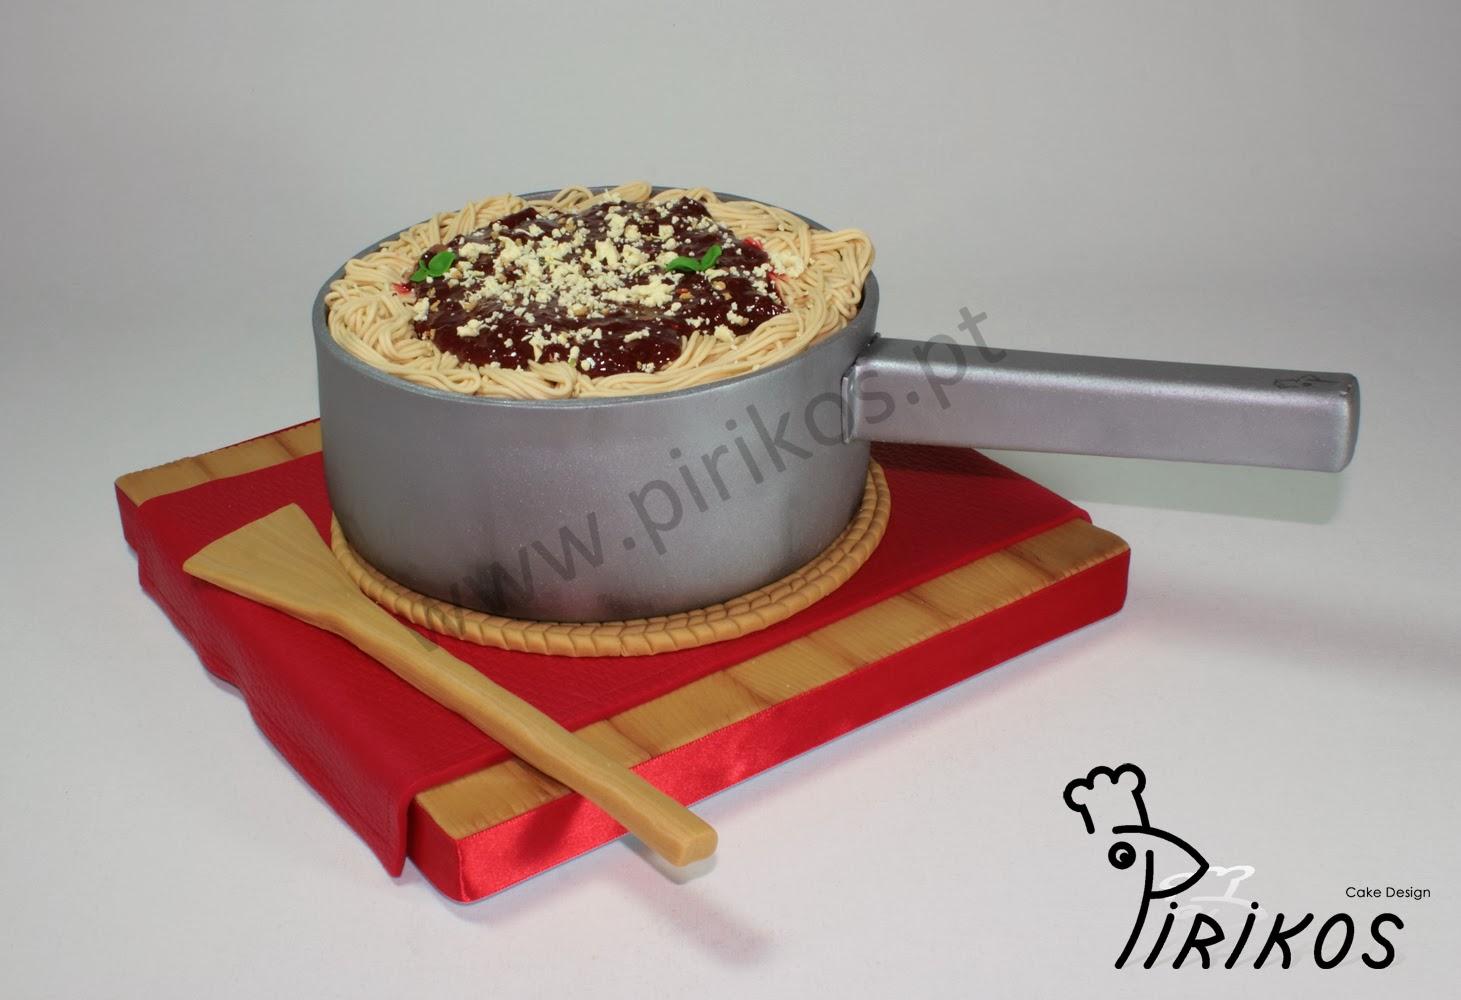 Pirikos Cake Design: Bolo - Massa Bolonhesa